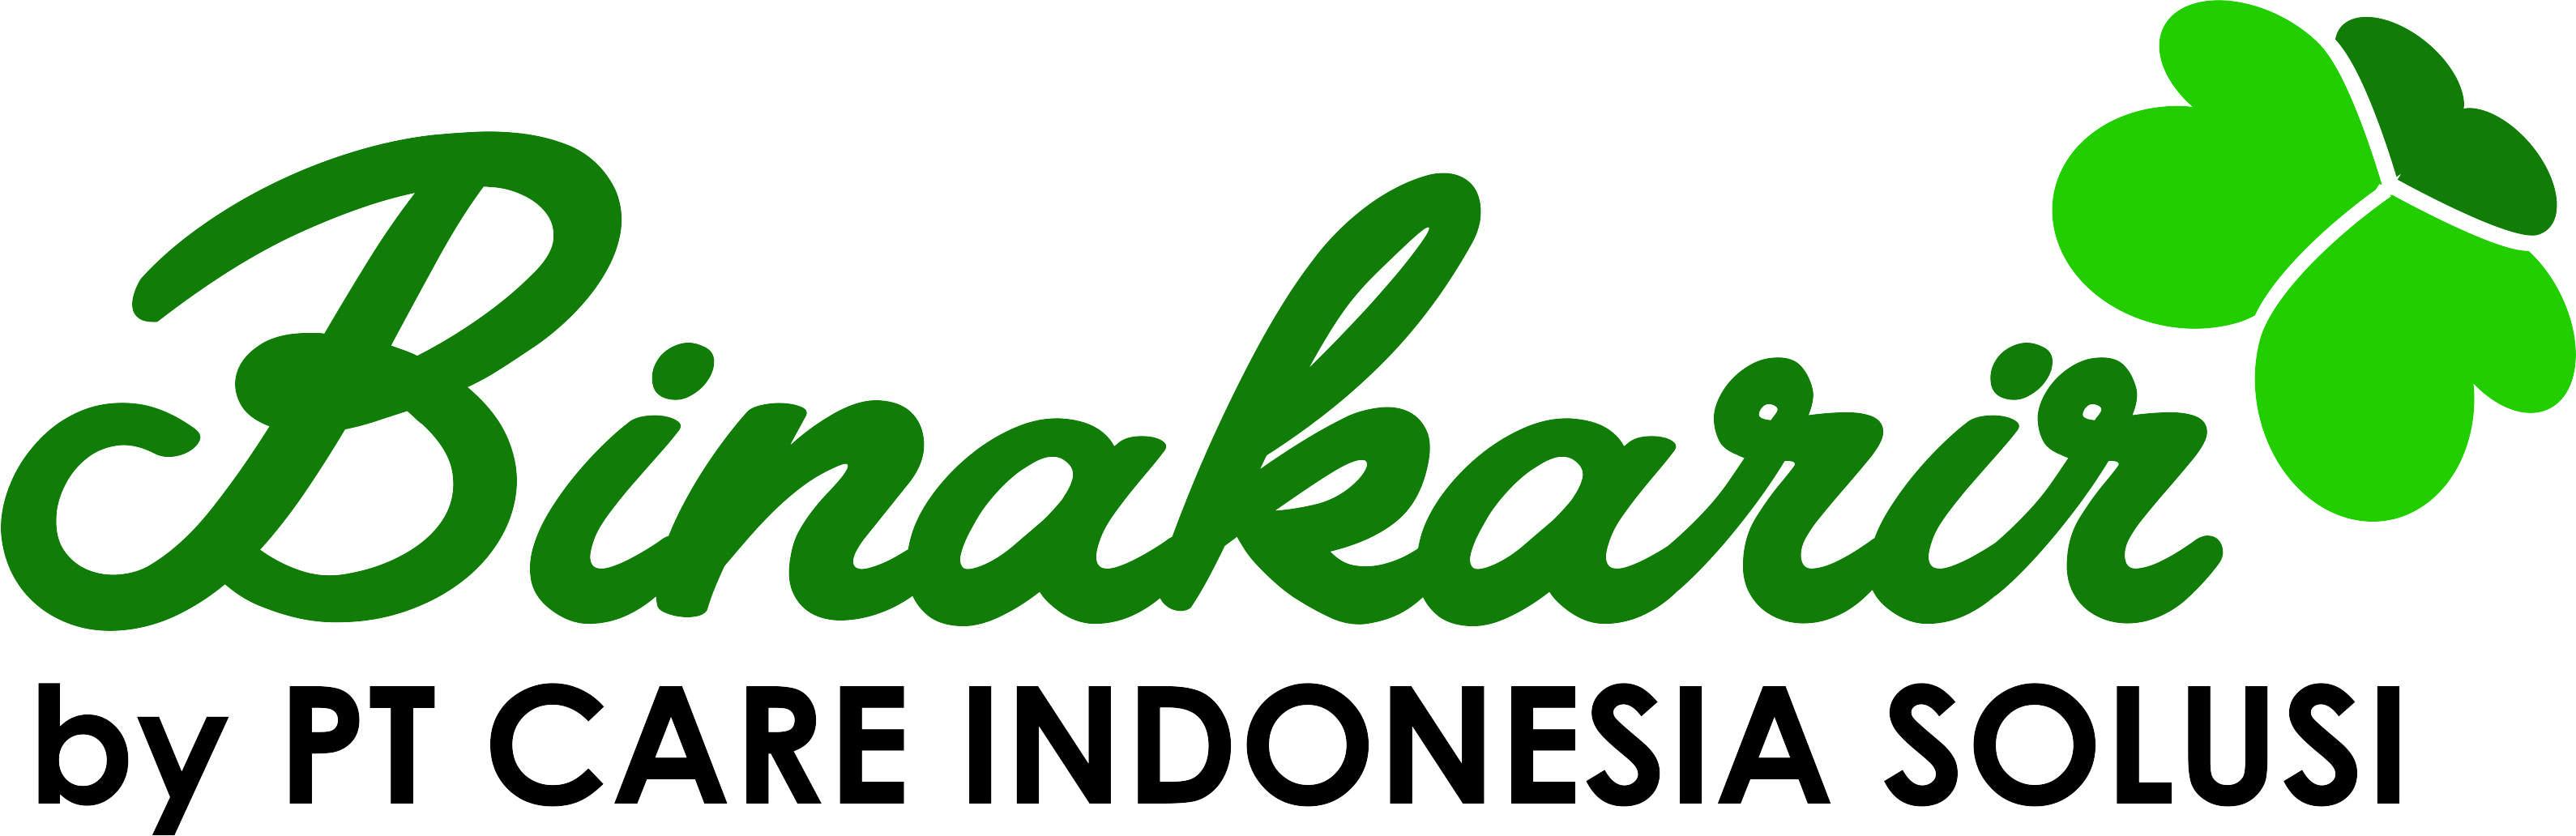 Care Indonesia Solusi PT